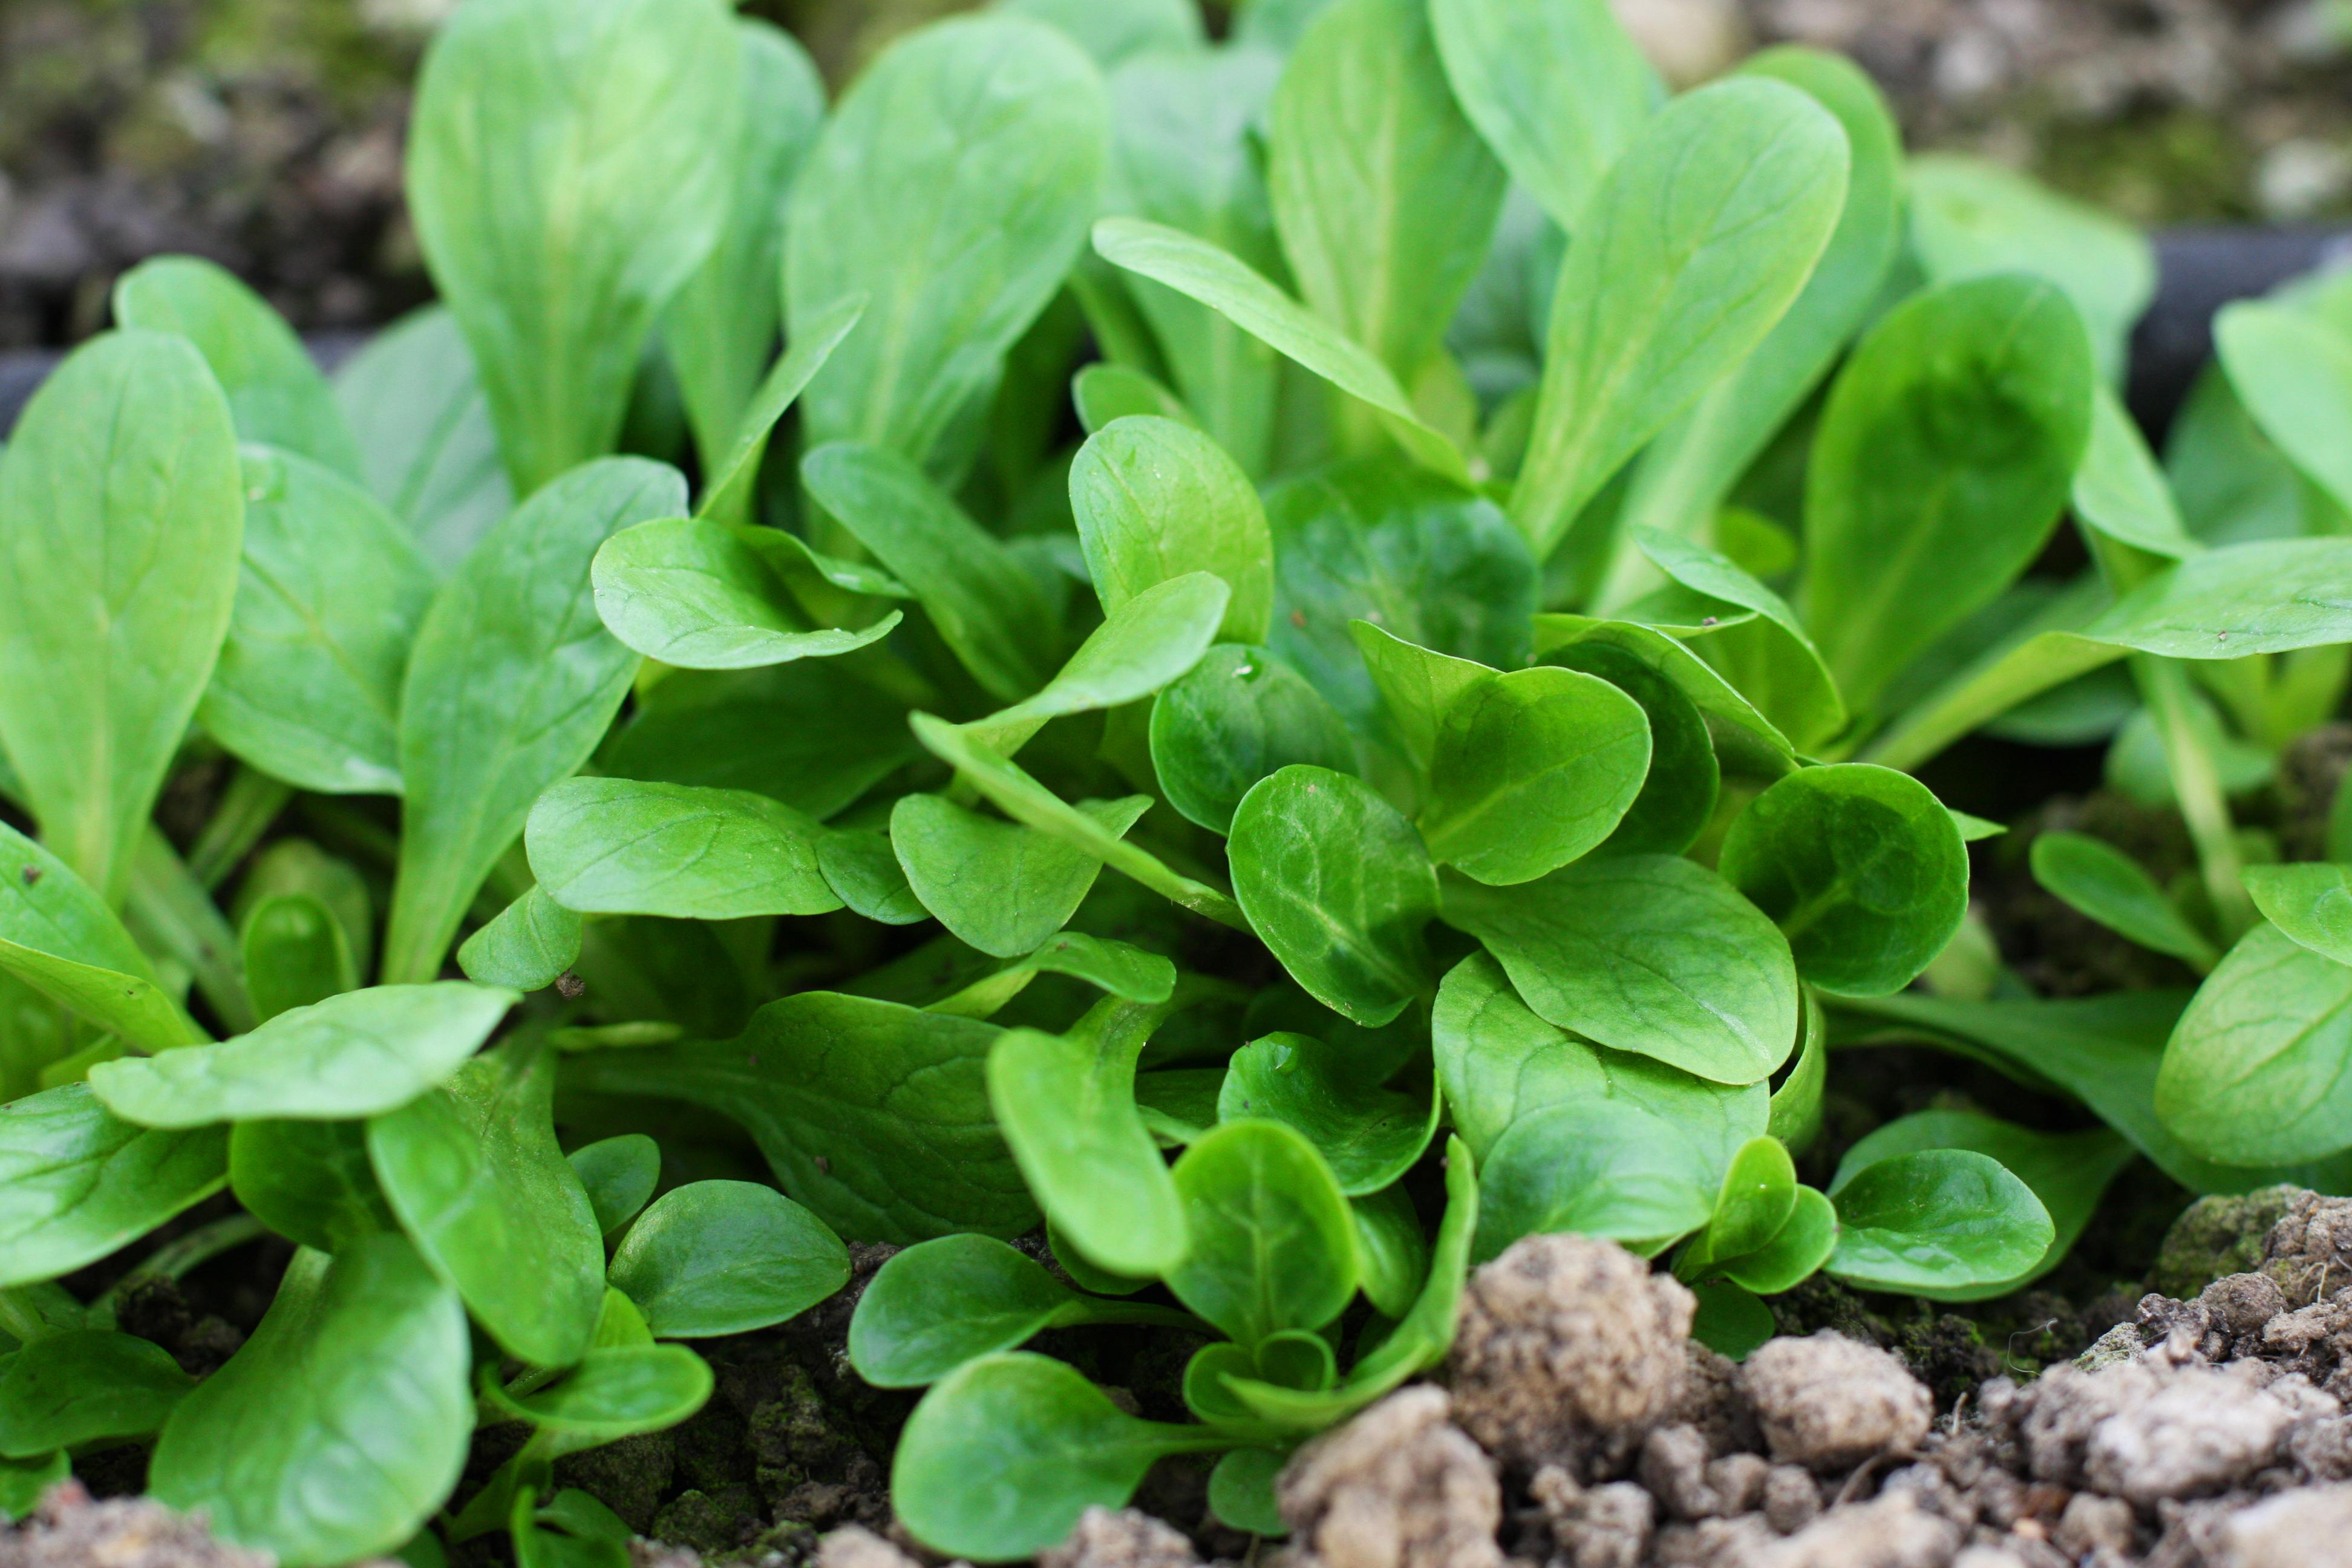 Bio-Feldsalat im 3,8 x 3,8 cm Erdpresstopf